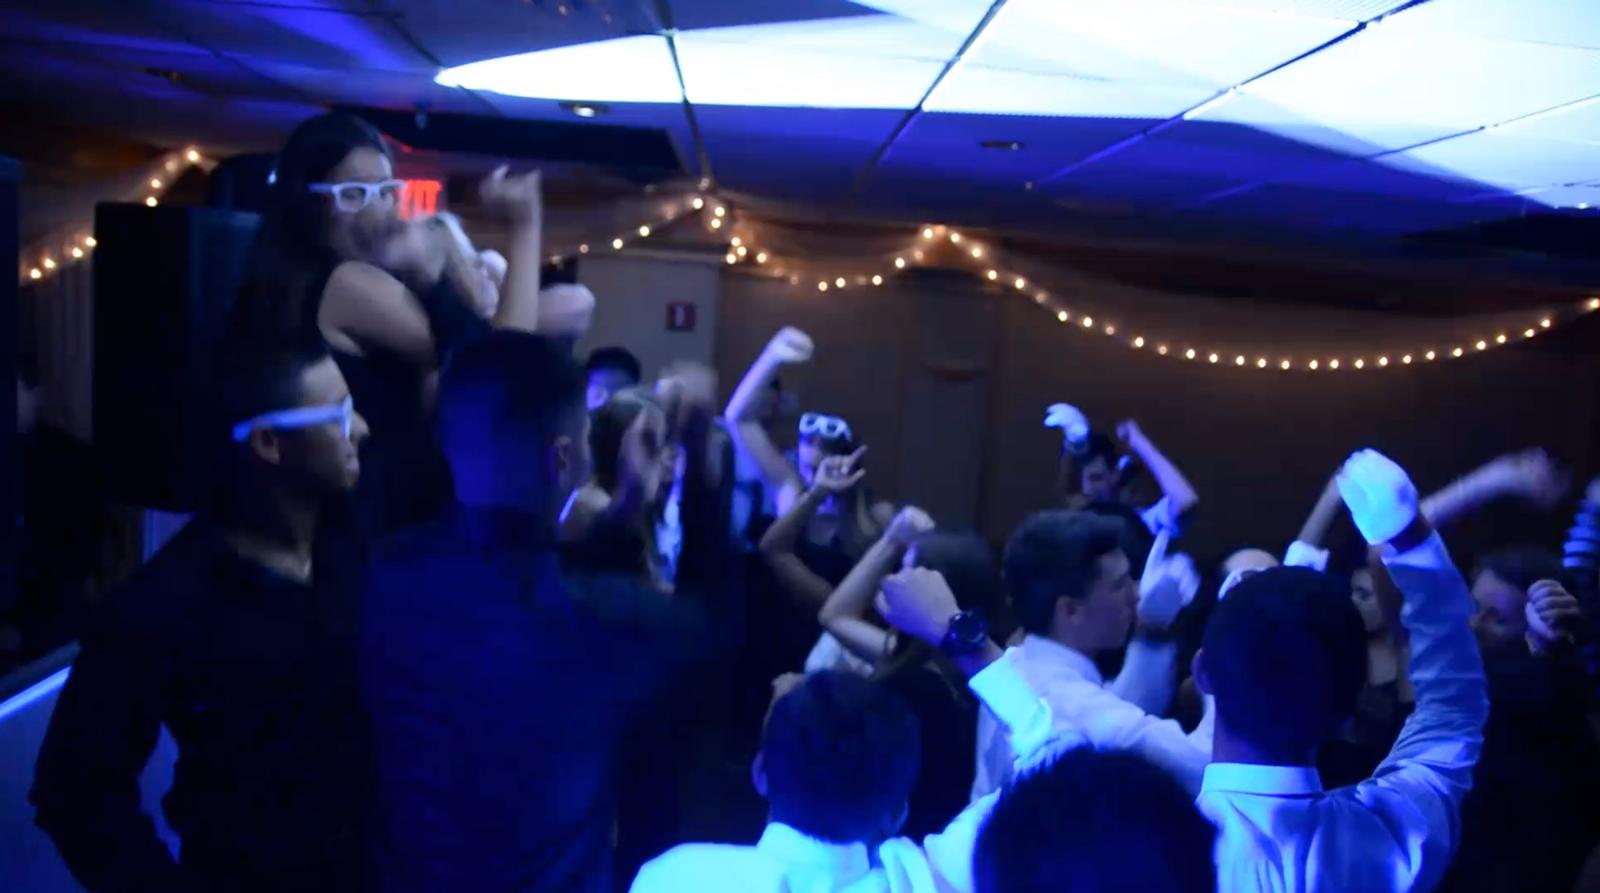 Blacklight Events DJ NY